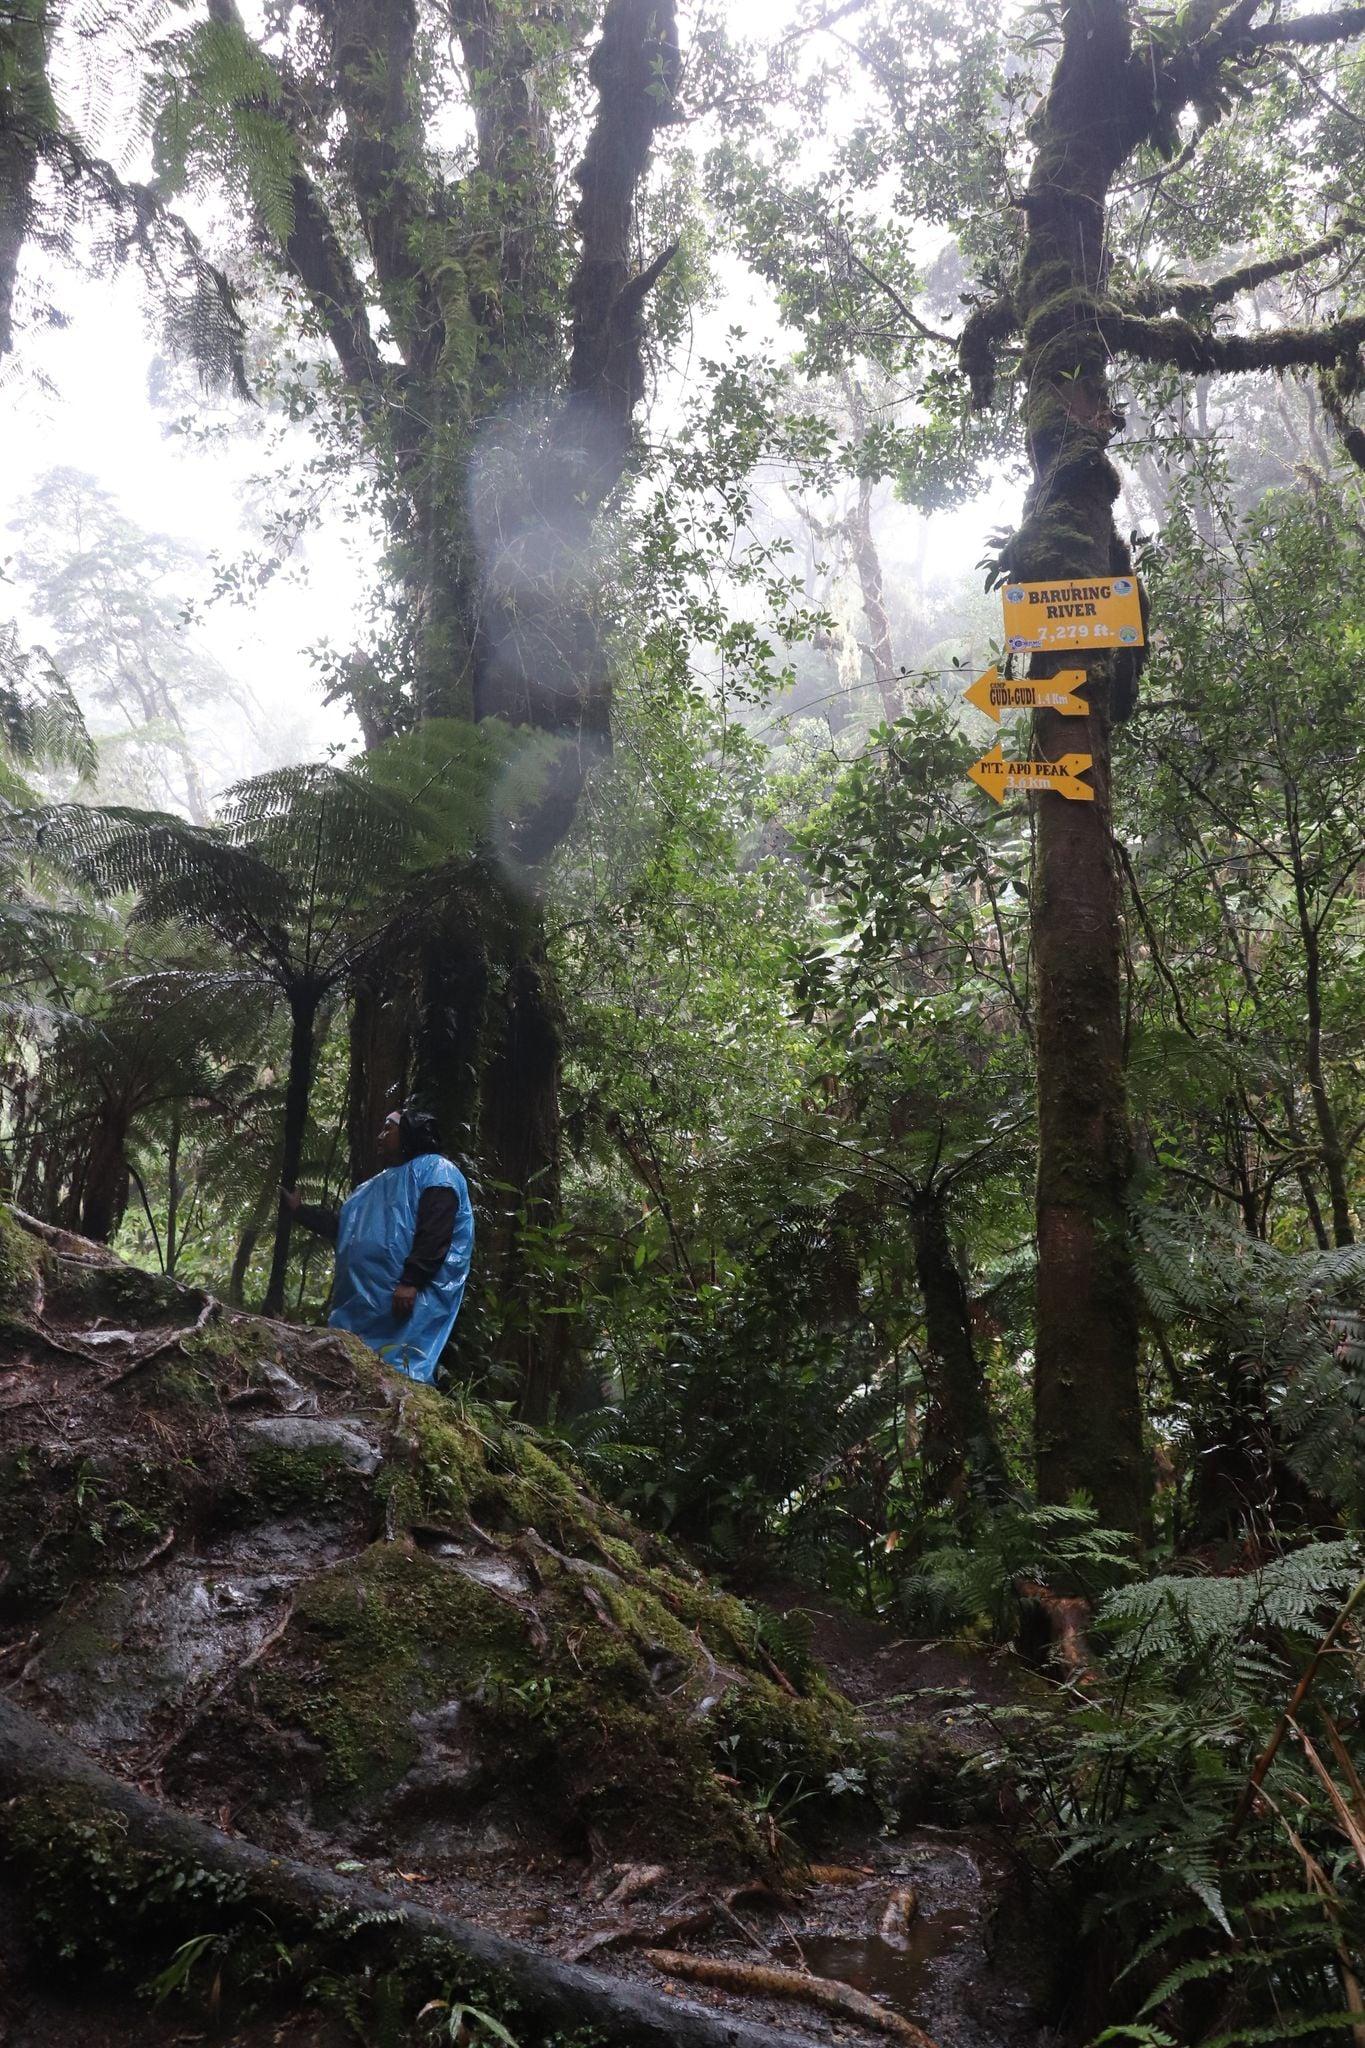 Mt. Apo Trail Markers - Baruring River, Camp Gudi-Gudi, Mt. Apo Peak